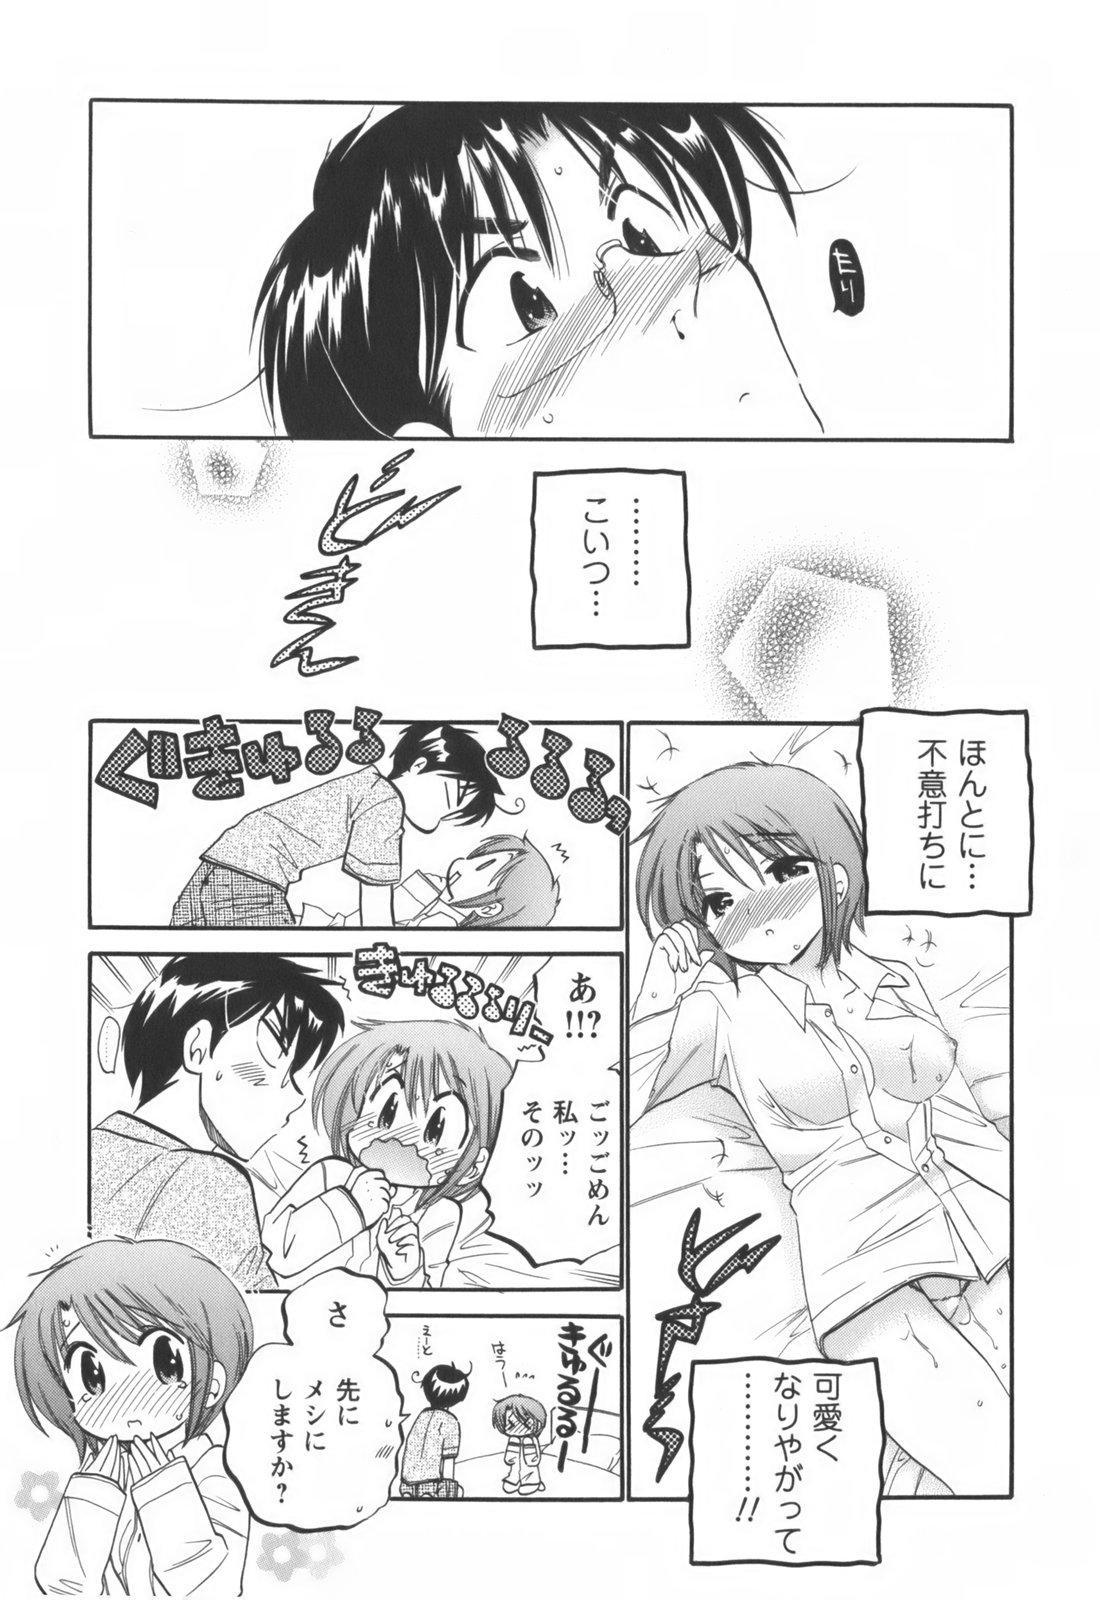 Okusama wa Seitokaichou 47